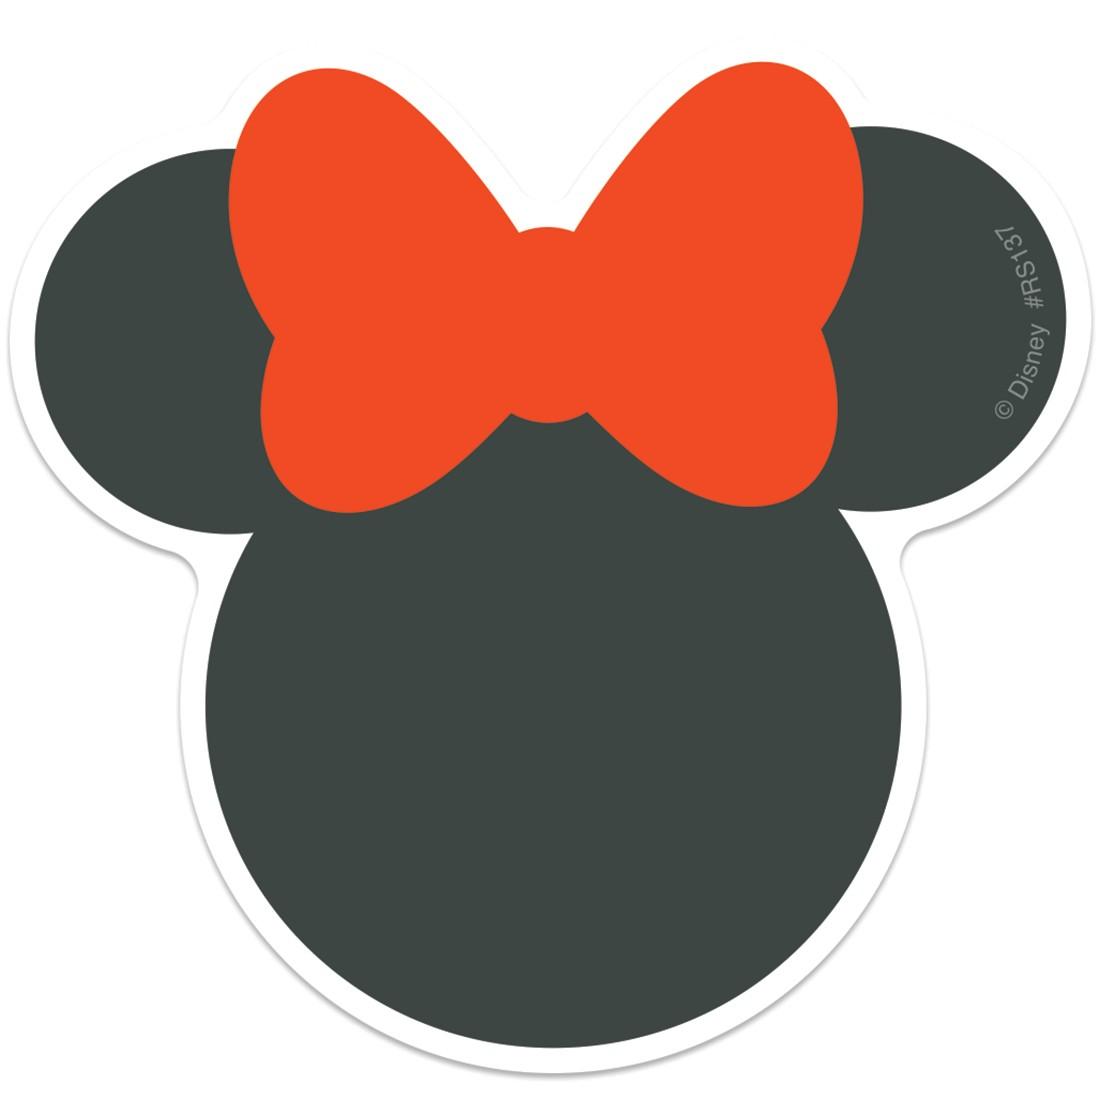 Minnie Mouse Re-Stickables [image]